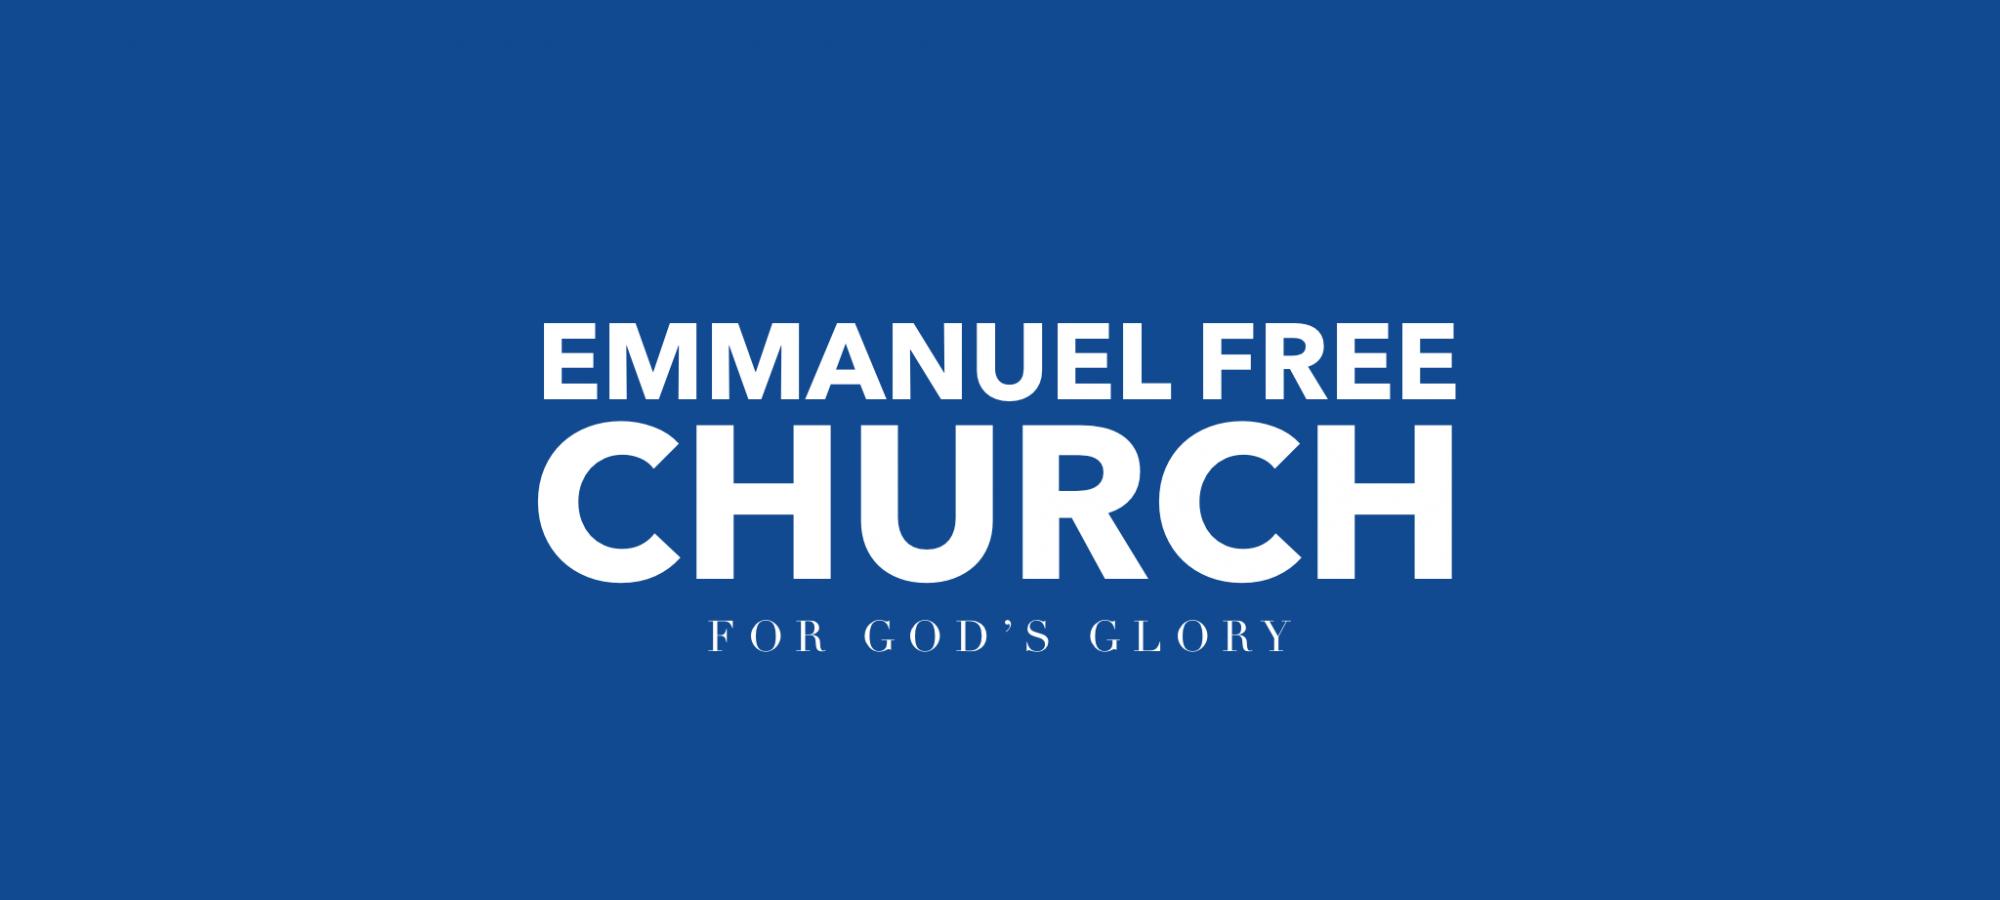 Emmanuel Free Church